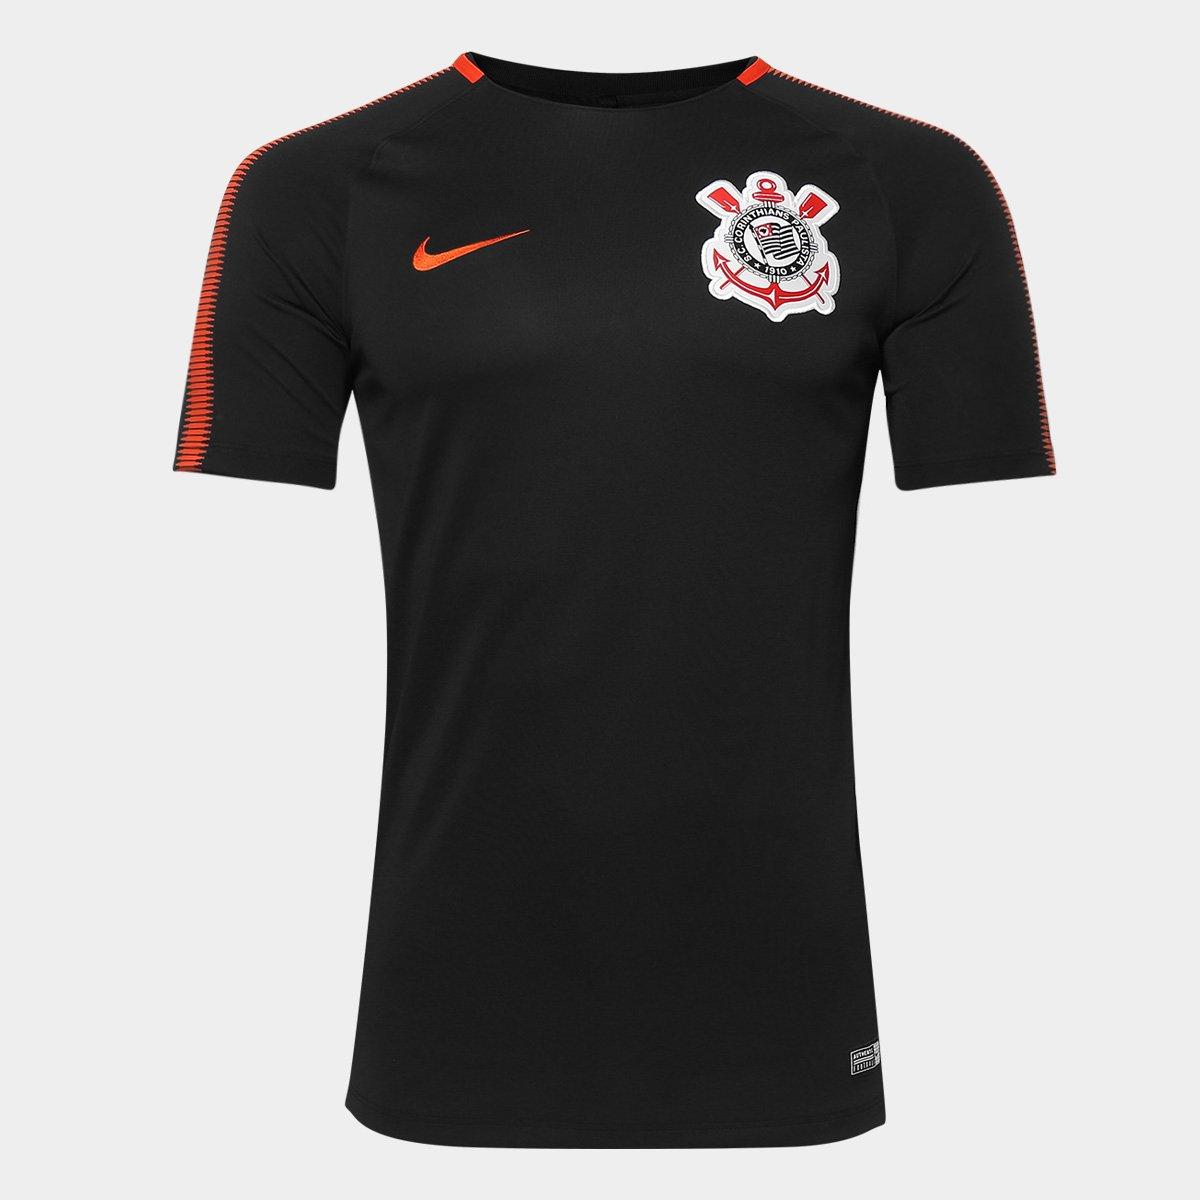 06d169f5cbfd8 Camisa de Treino Corinthians 18 19 Nike Masculina - Compre Agora ...